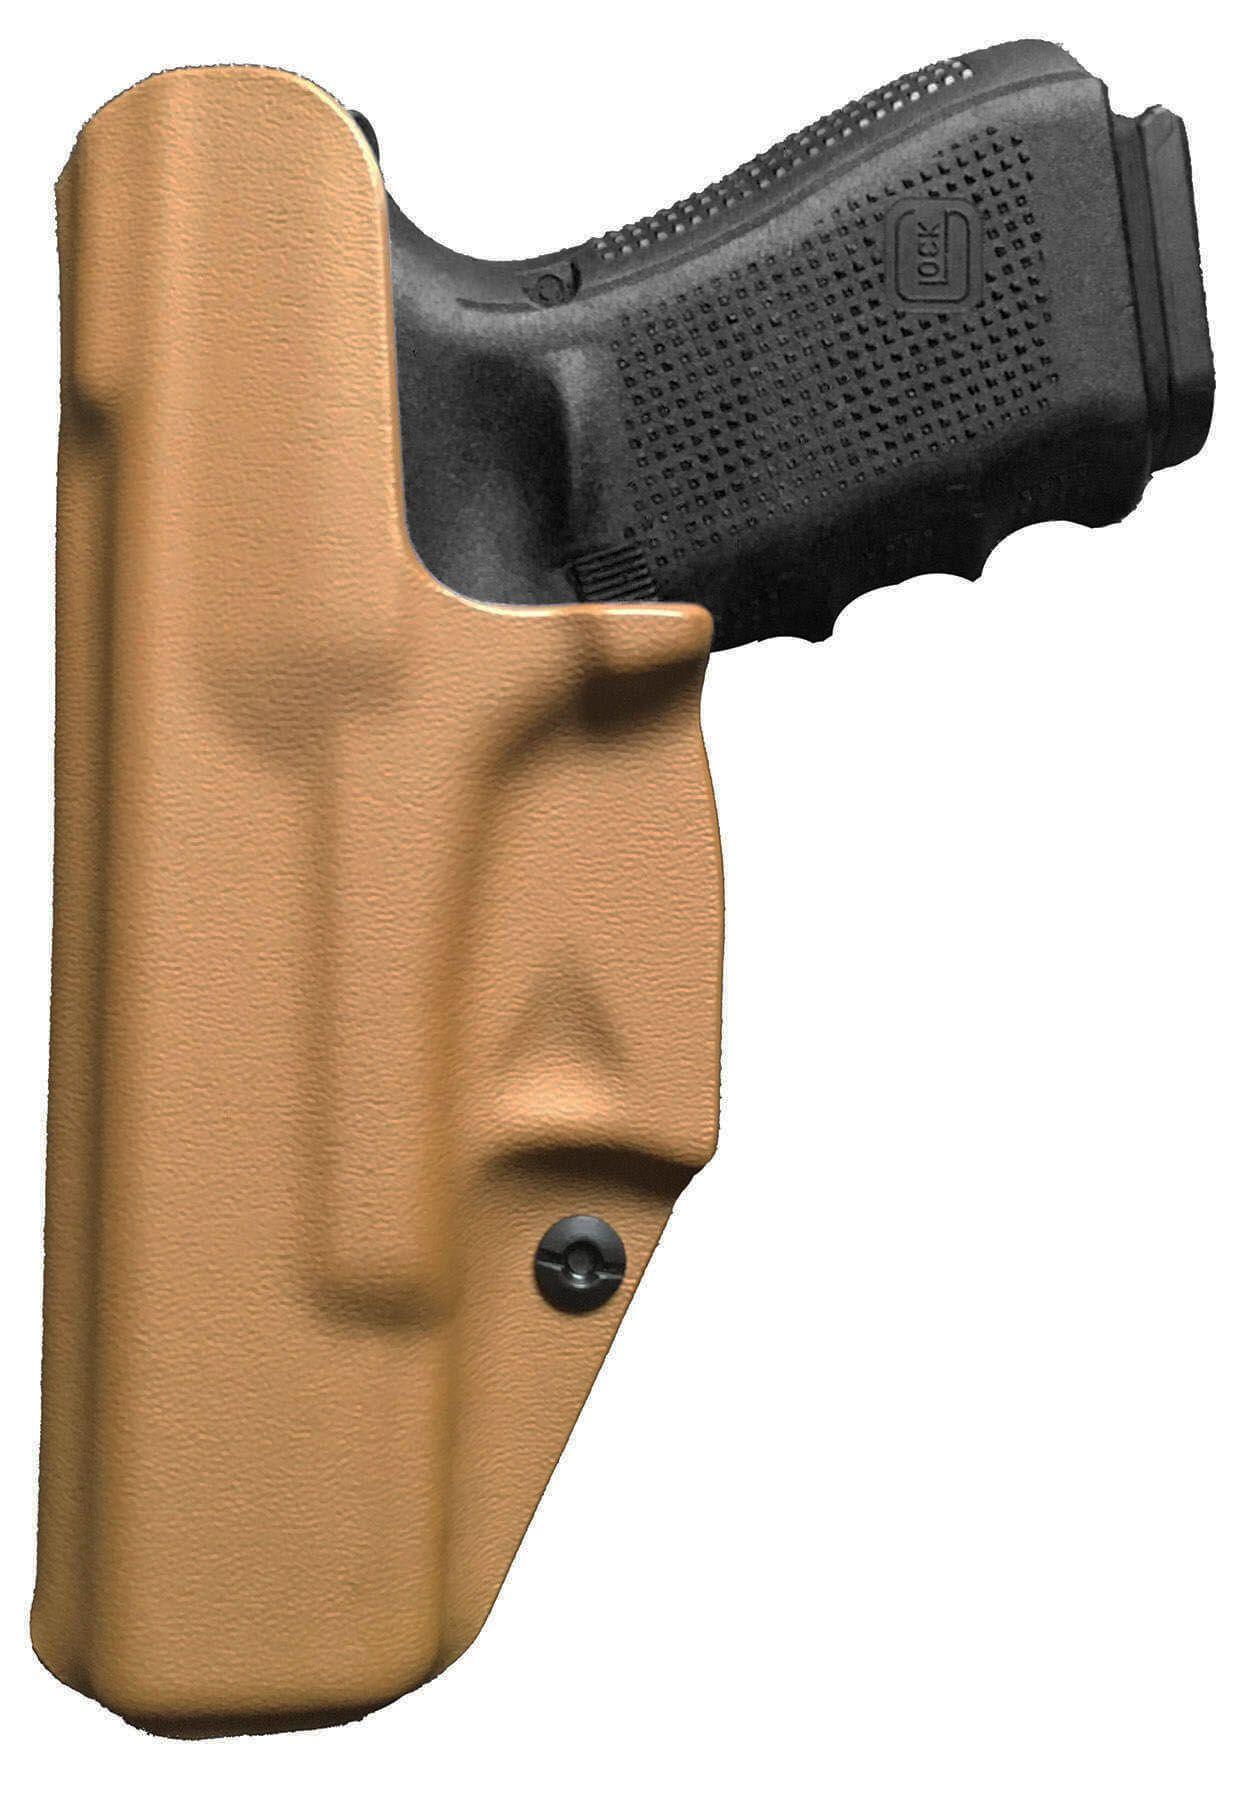 Coldre Slim G25 G19 19x G23 G32 G38 Glock Saque Rápido Velado Kydex® 080 - Coyote Brown / Areia